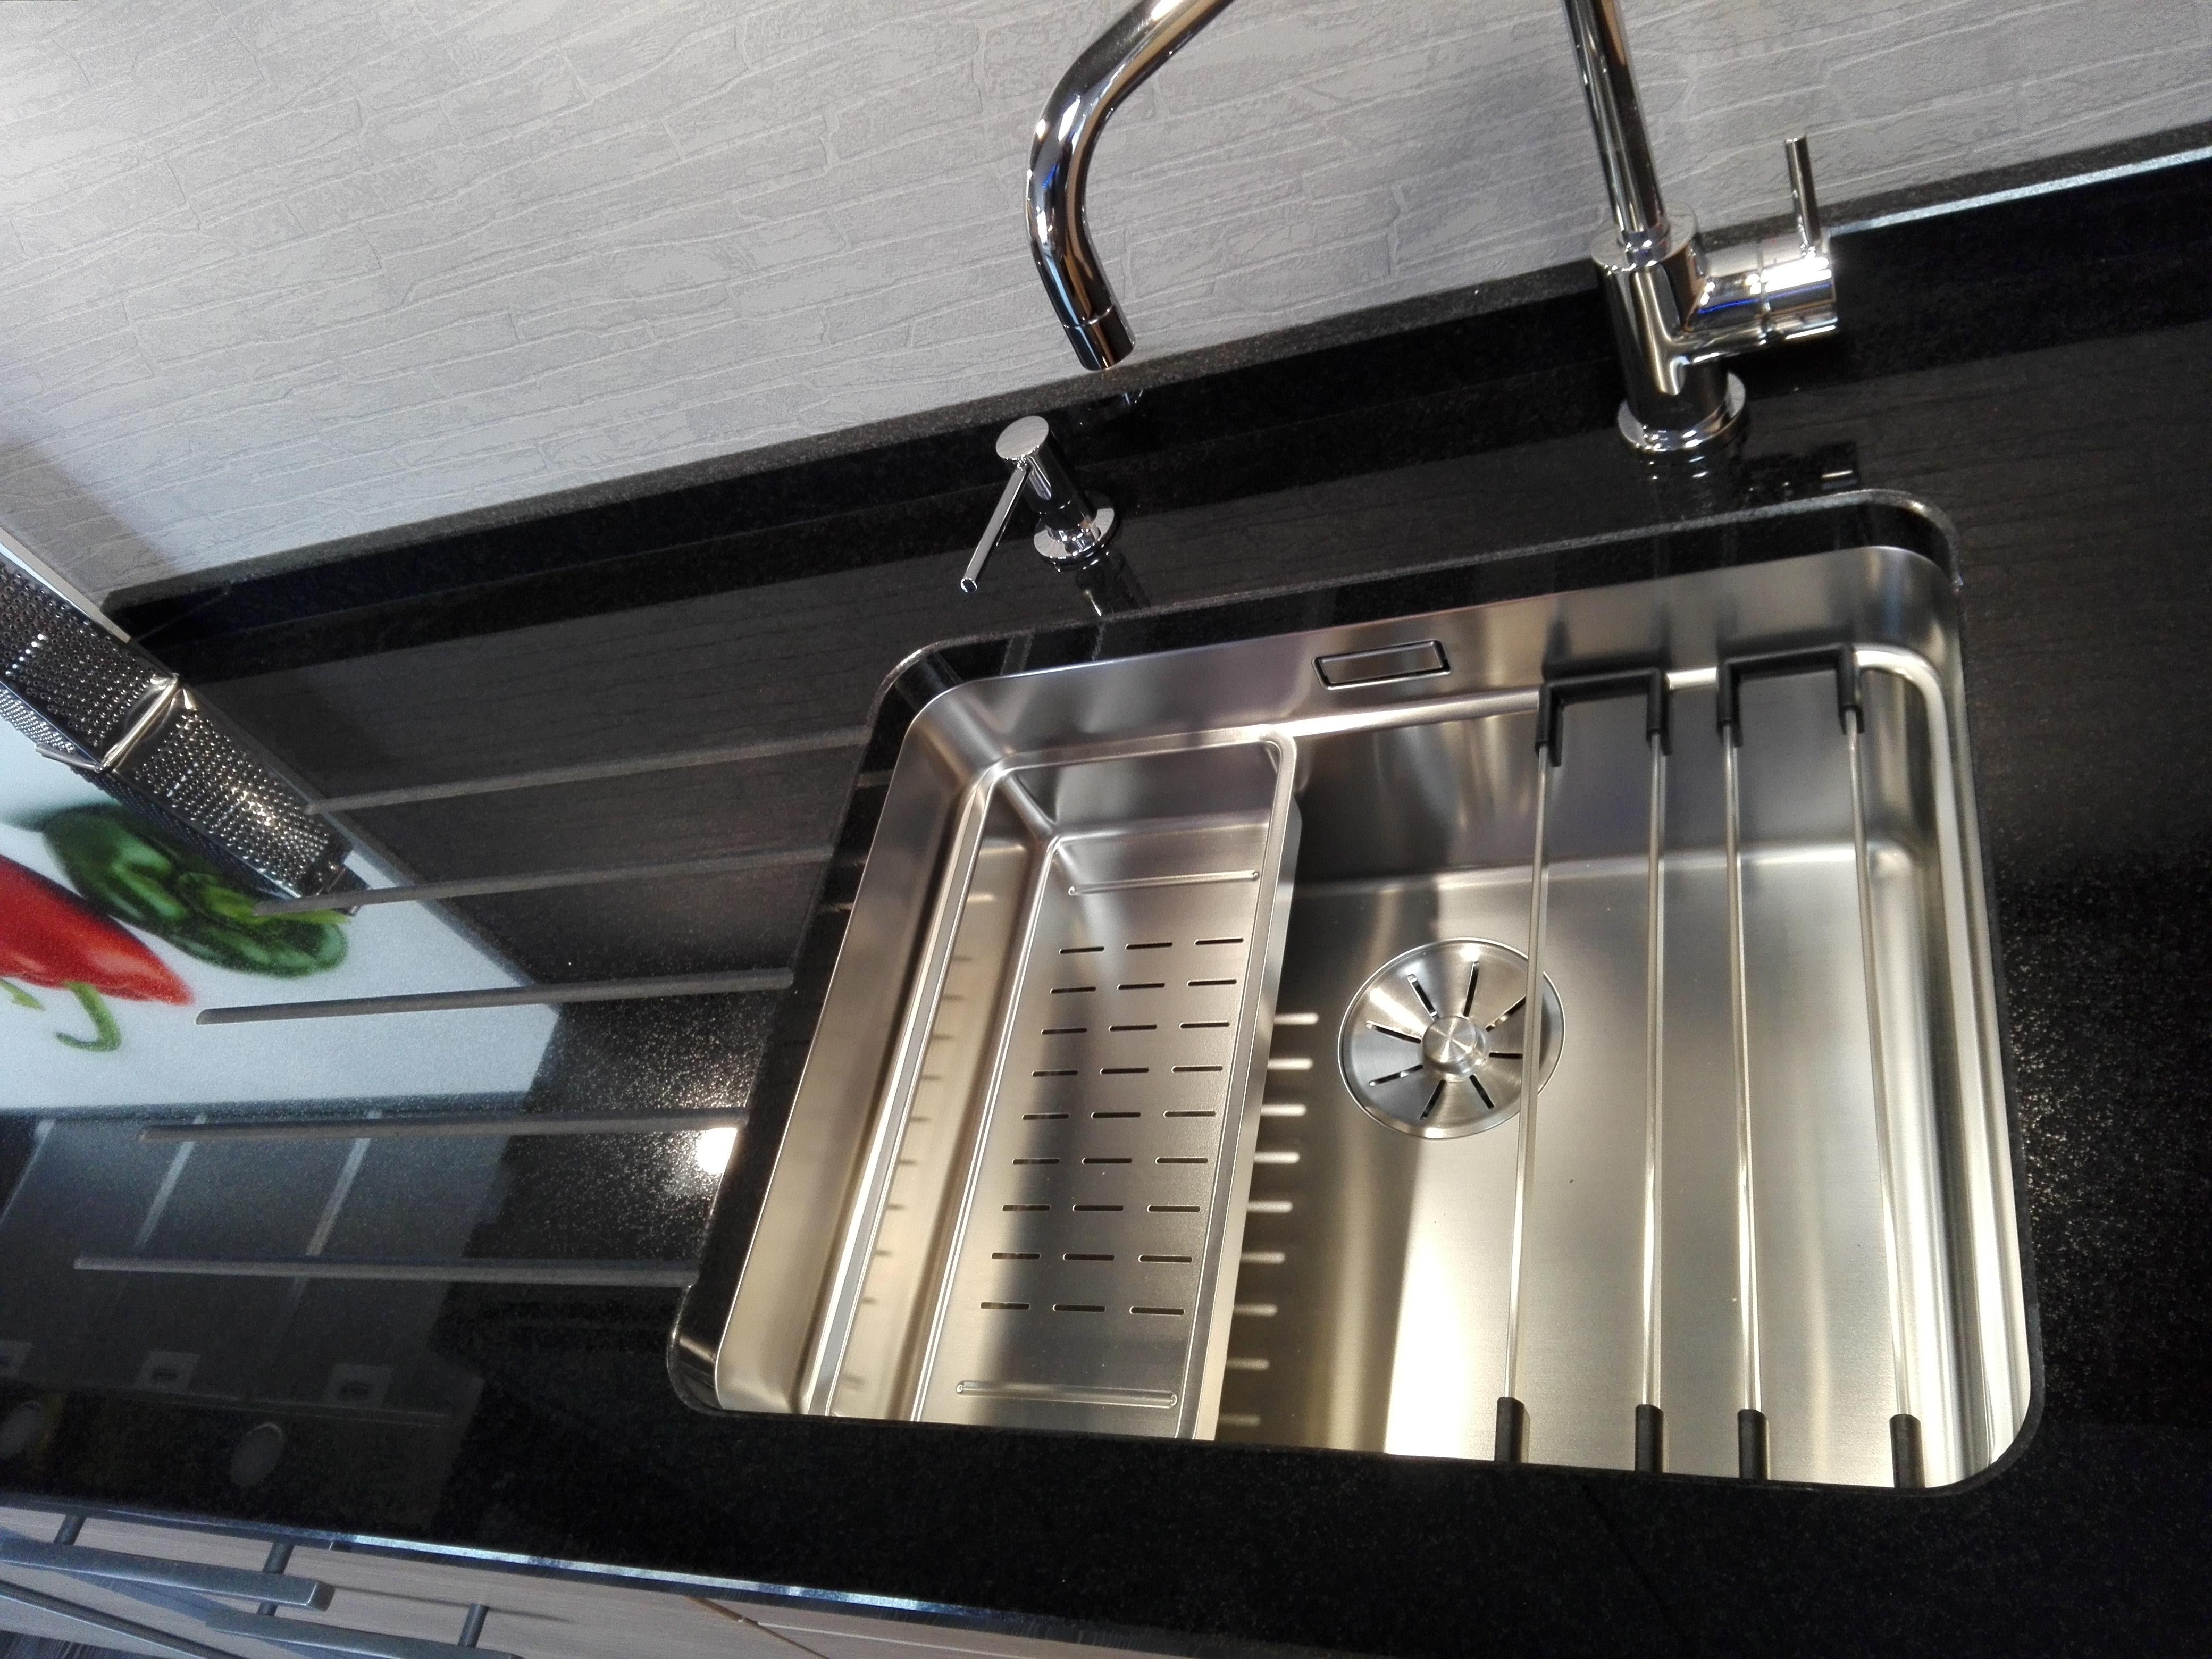 """Küche 3 - Spüle mit """"Etagenfunktion"""" im Naturstein untergebaut, mit eingefrästen Abtropfrillen und Spülmittelspender"""